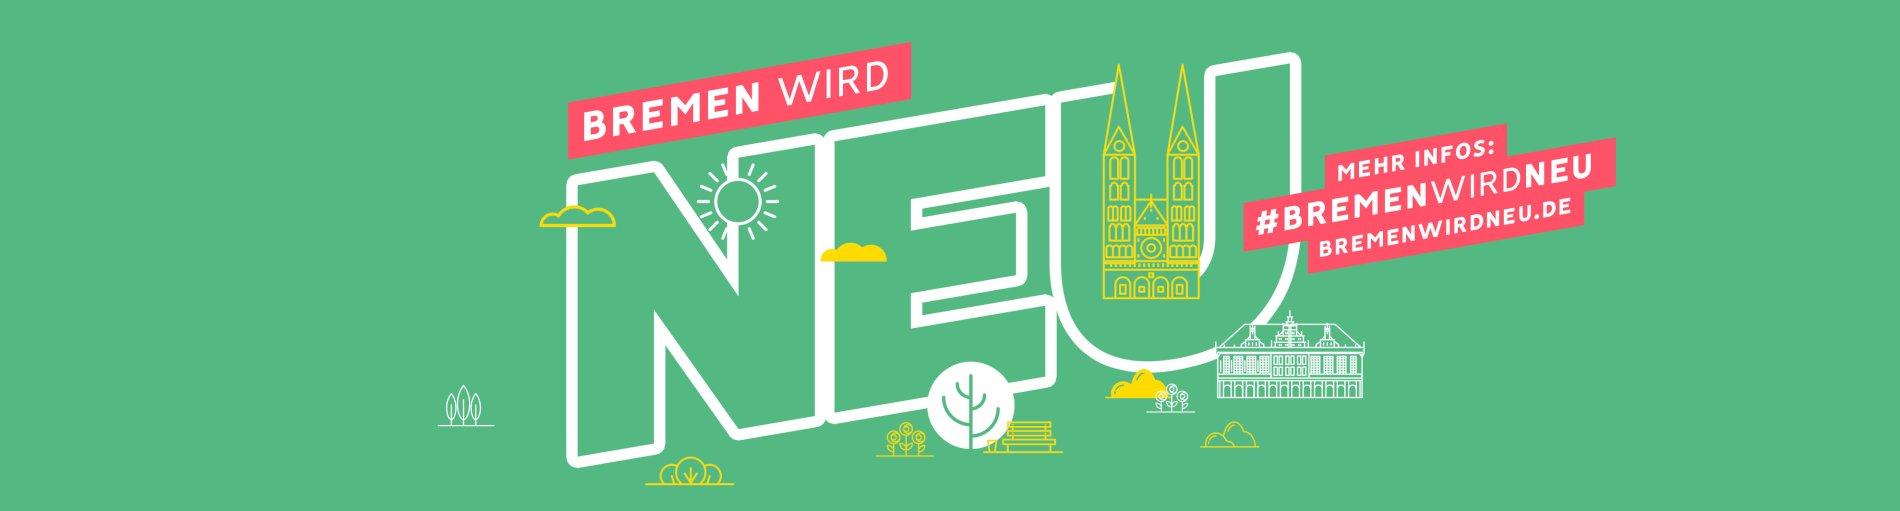 Ein grünes Banner weist auf die Kampagne Bremen wird neu hin